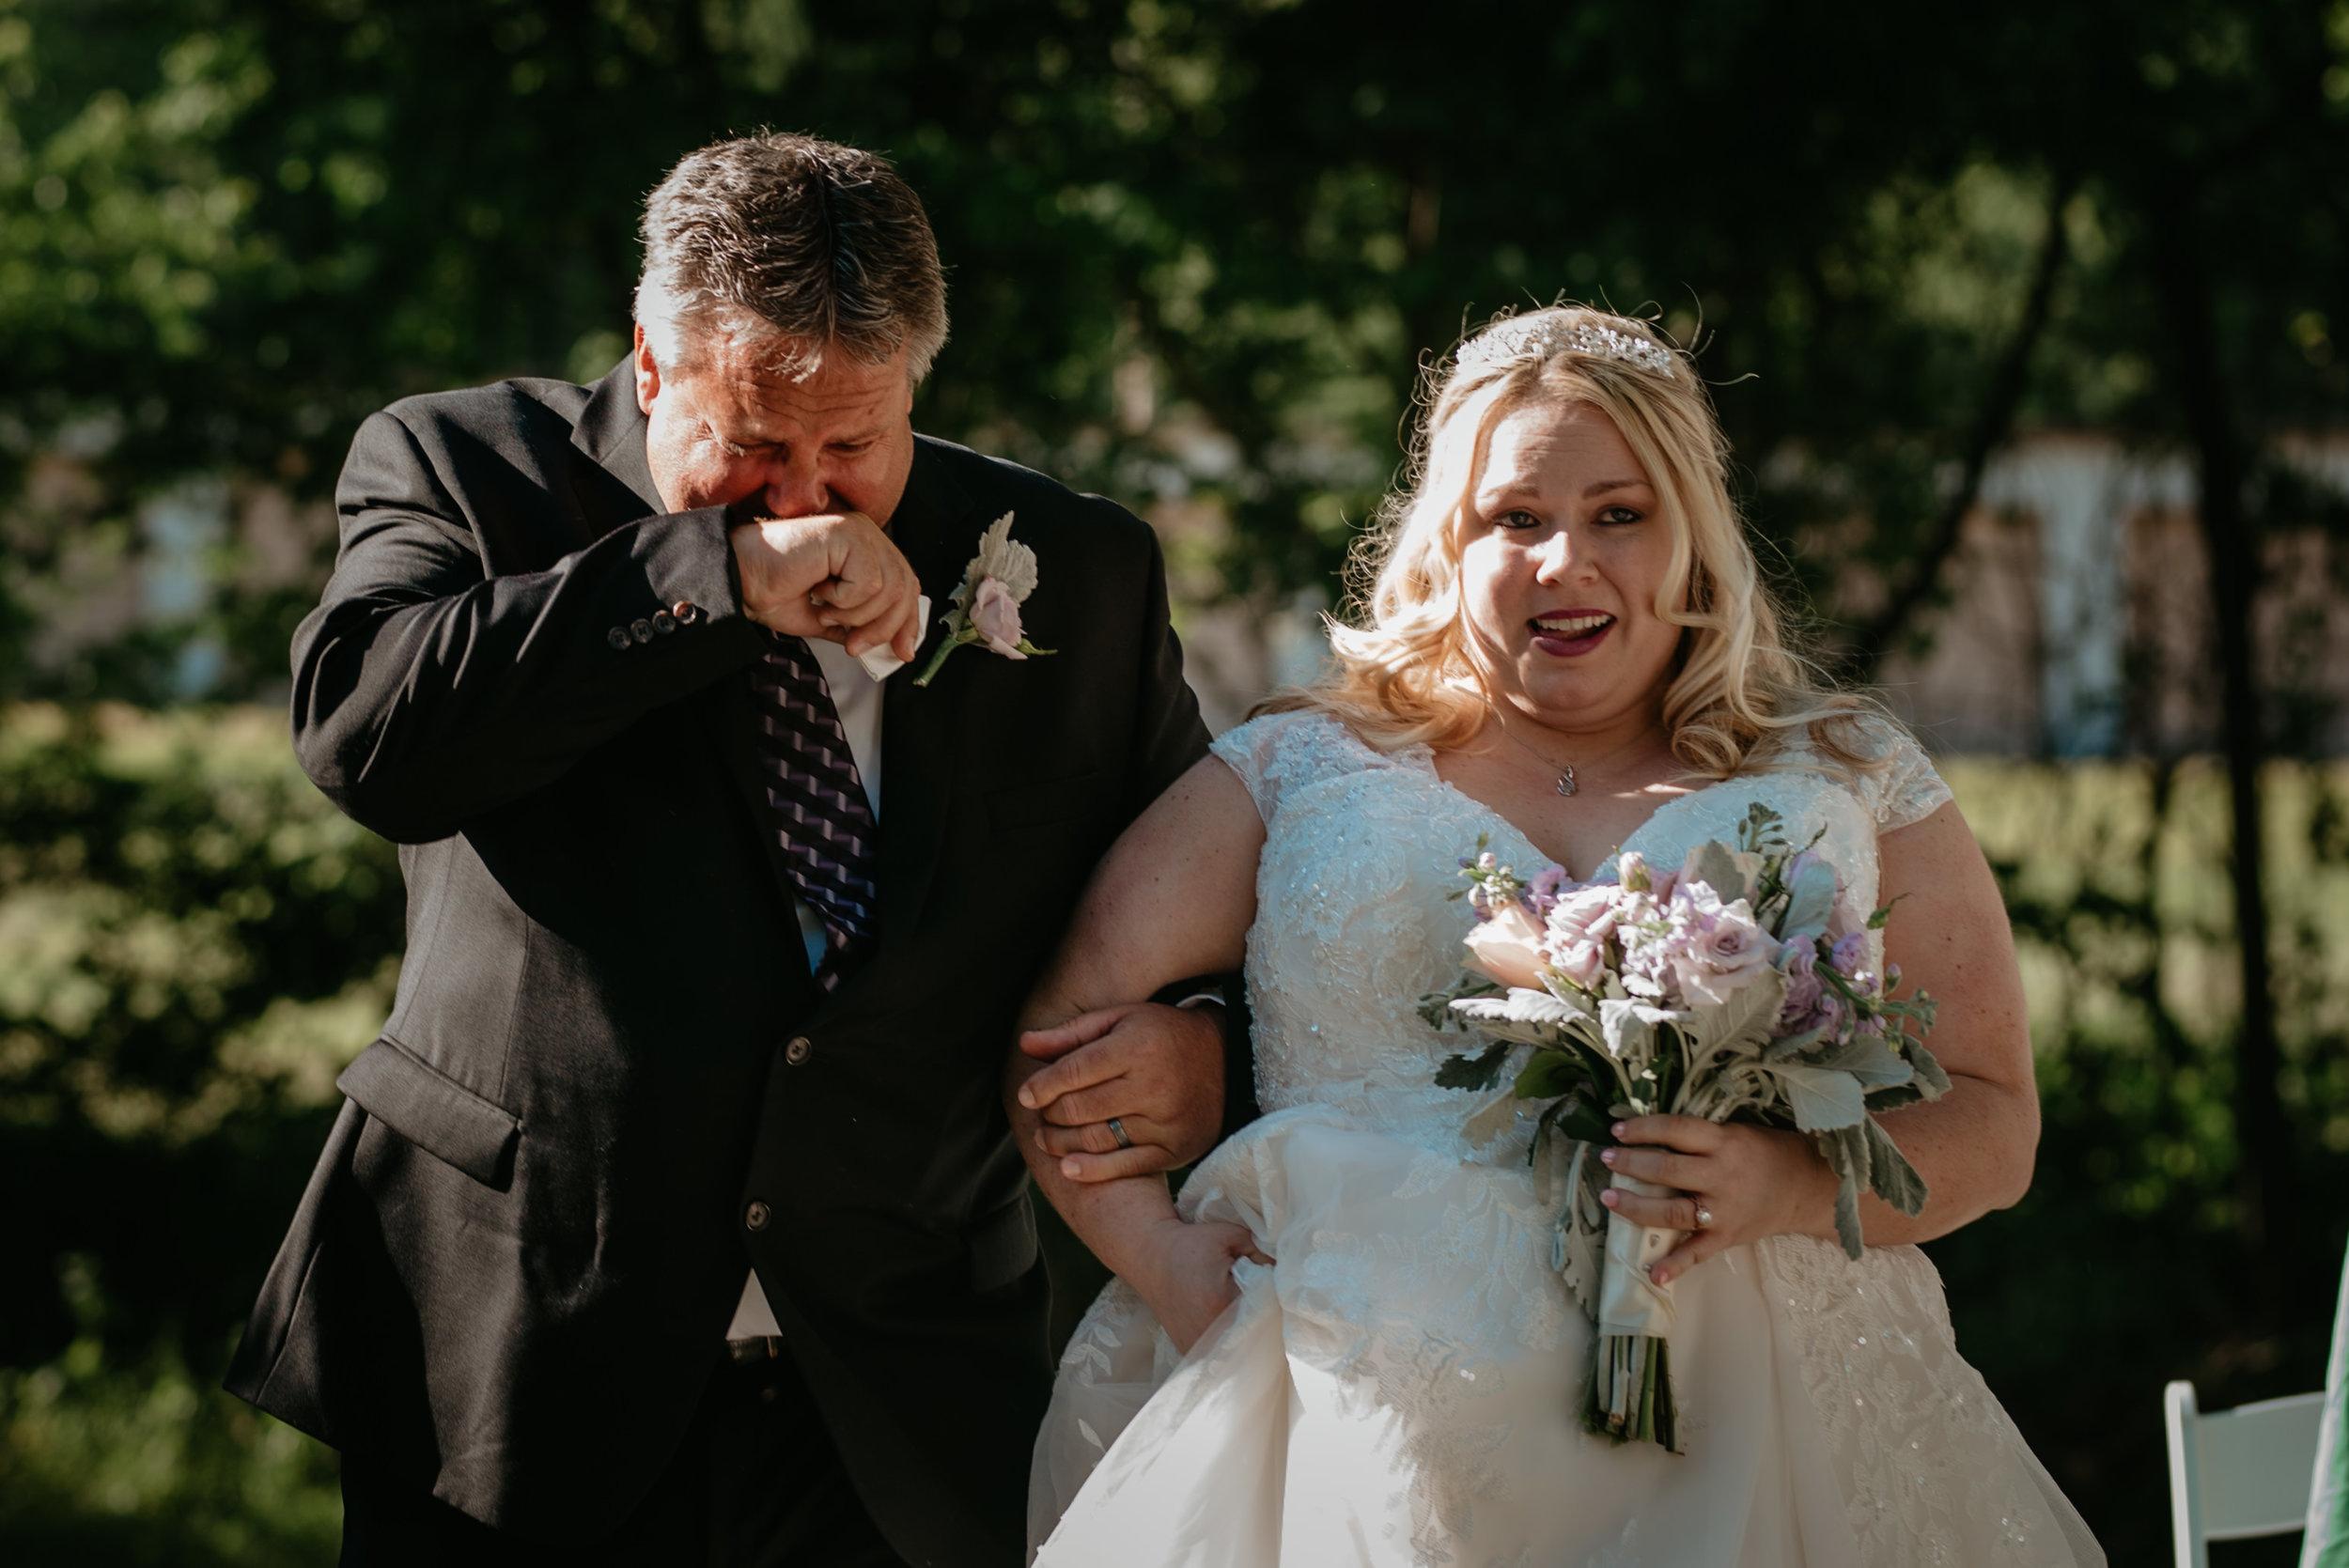 Tricia.Dallas.Wedding.Day.TheStirewalts.photo.2017-438.jpg